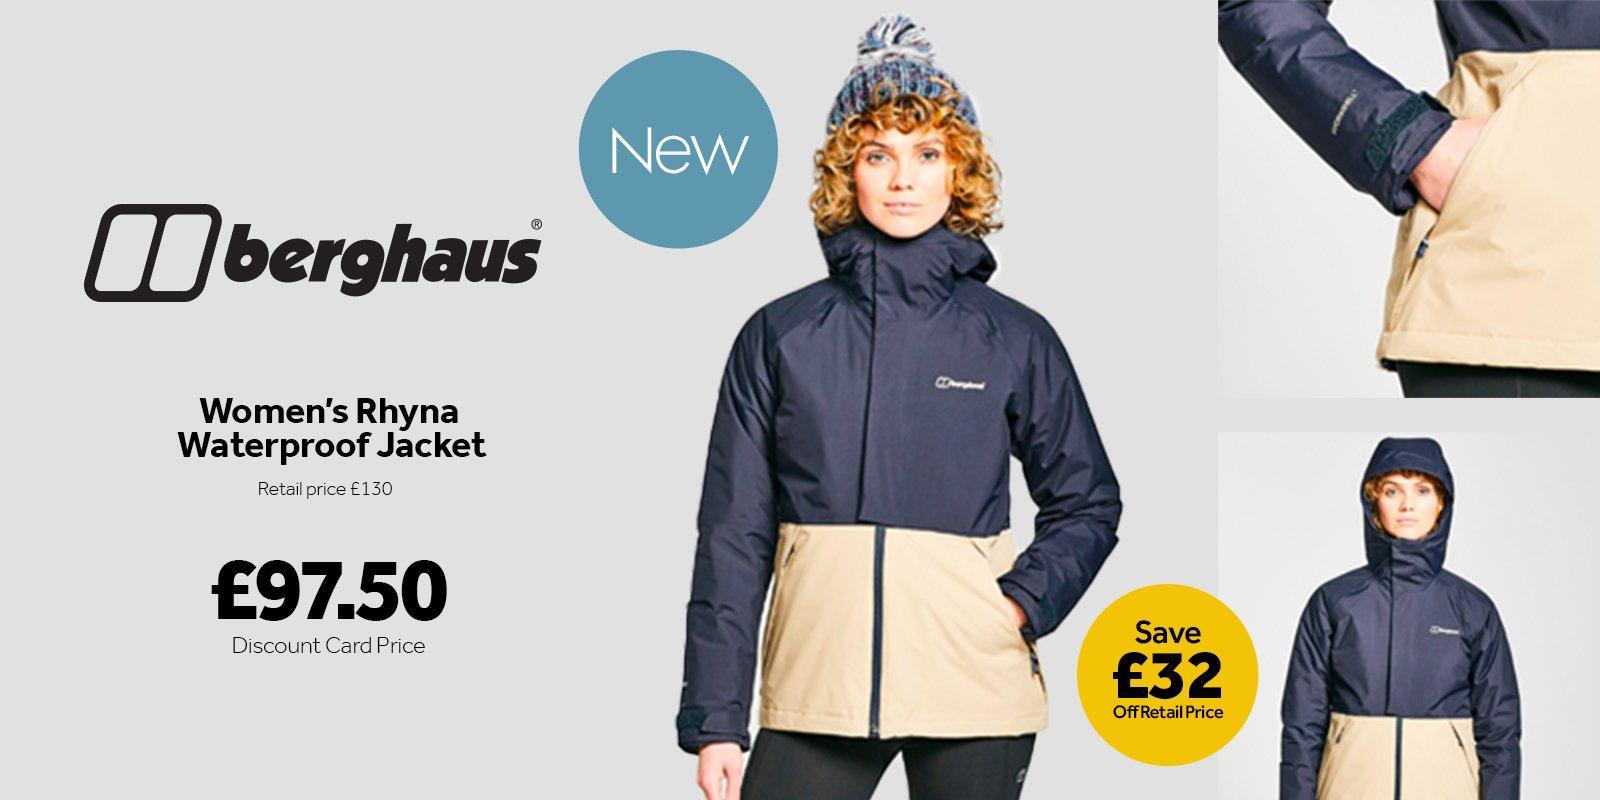 Women's Rhyna Waterproof Jacket